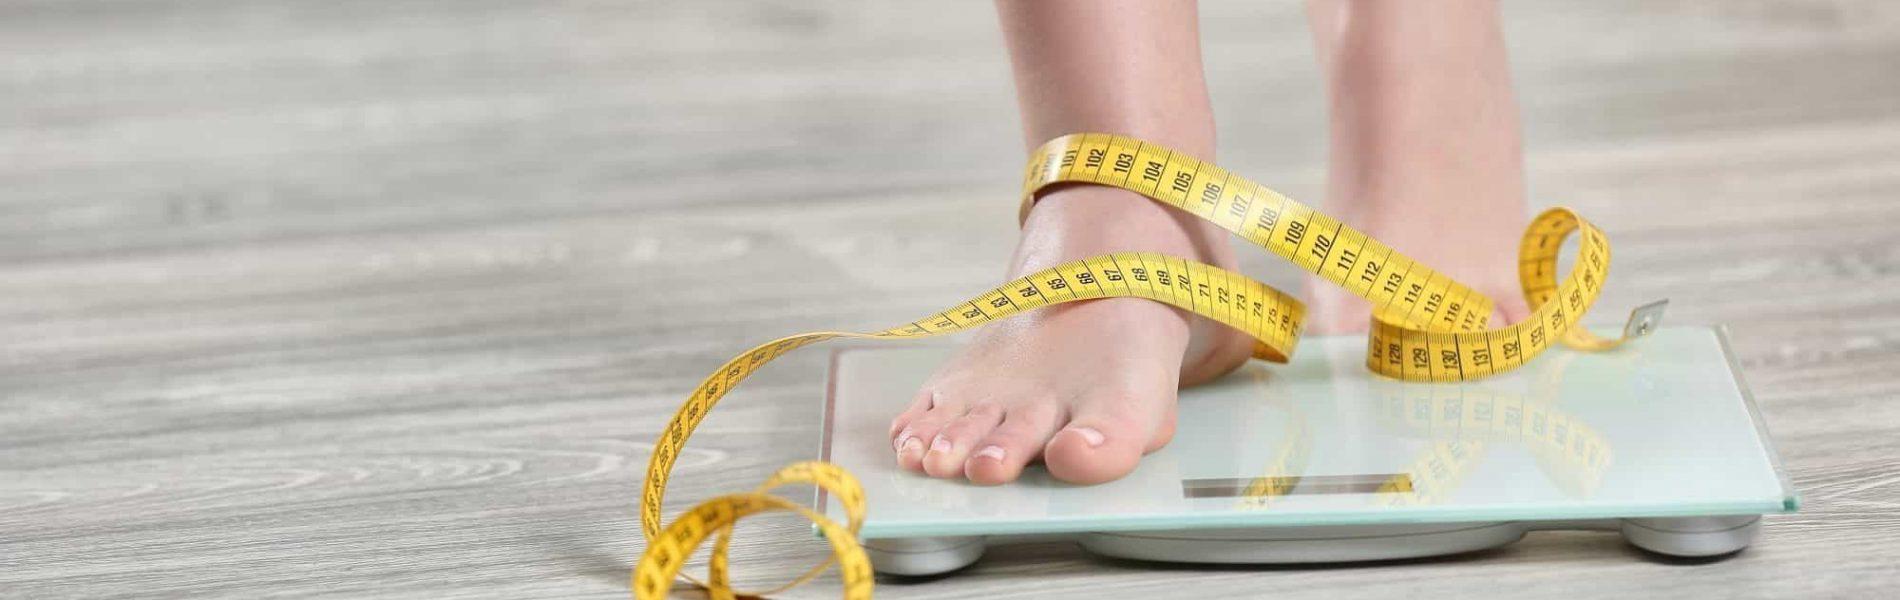 איך ה-DNA שלכם קשור לירידה במשקל?